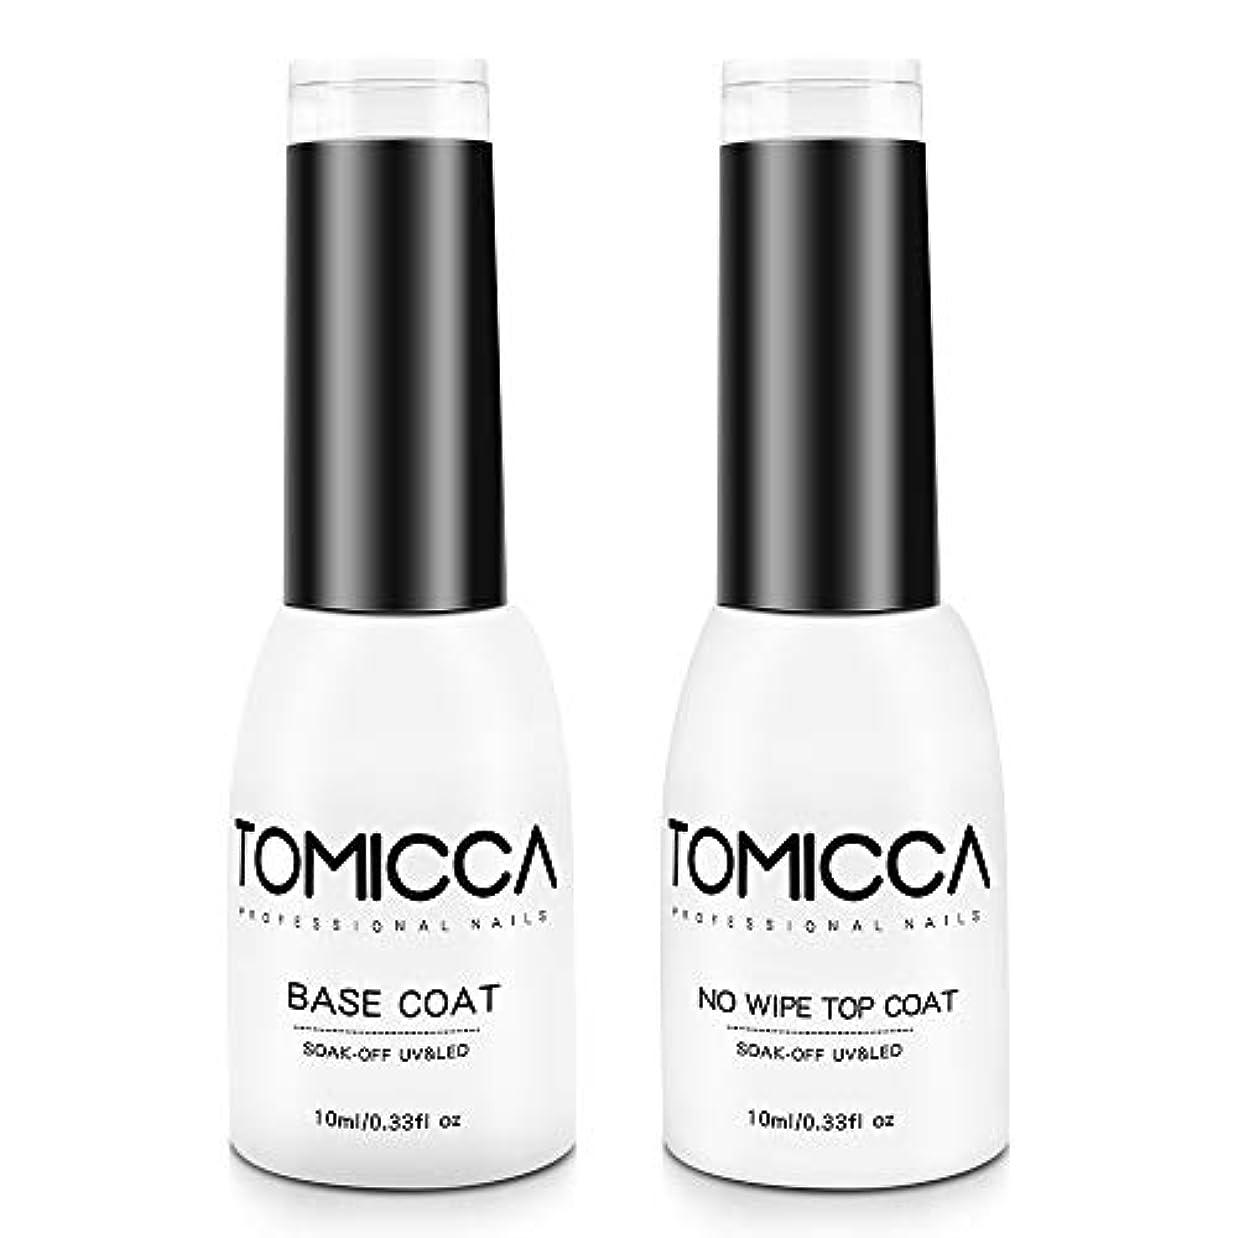 残高不倫なめらかTOMICCA ジェルネイル ベースコート トップコート 10ml 2本セット 拭き取り不要 UV/LED対応 大容量